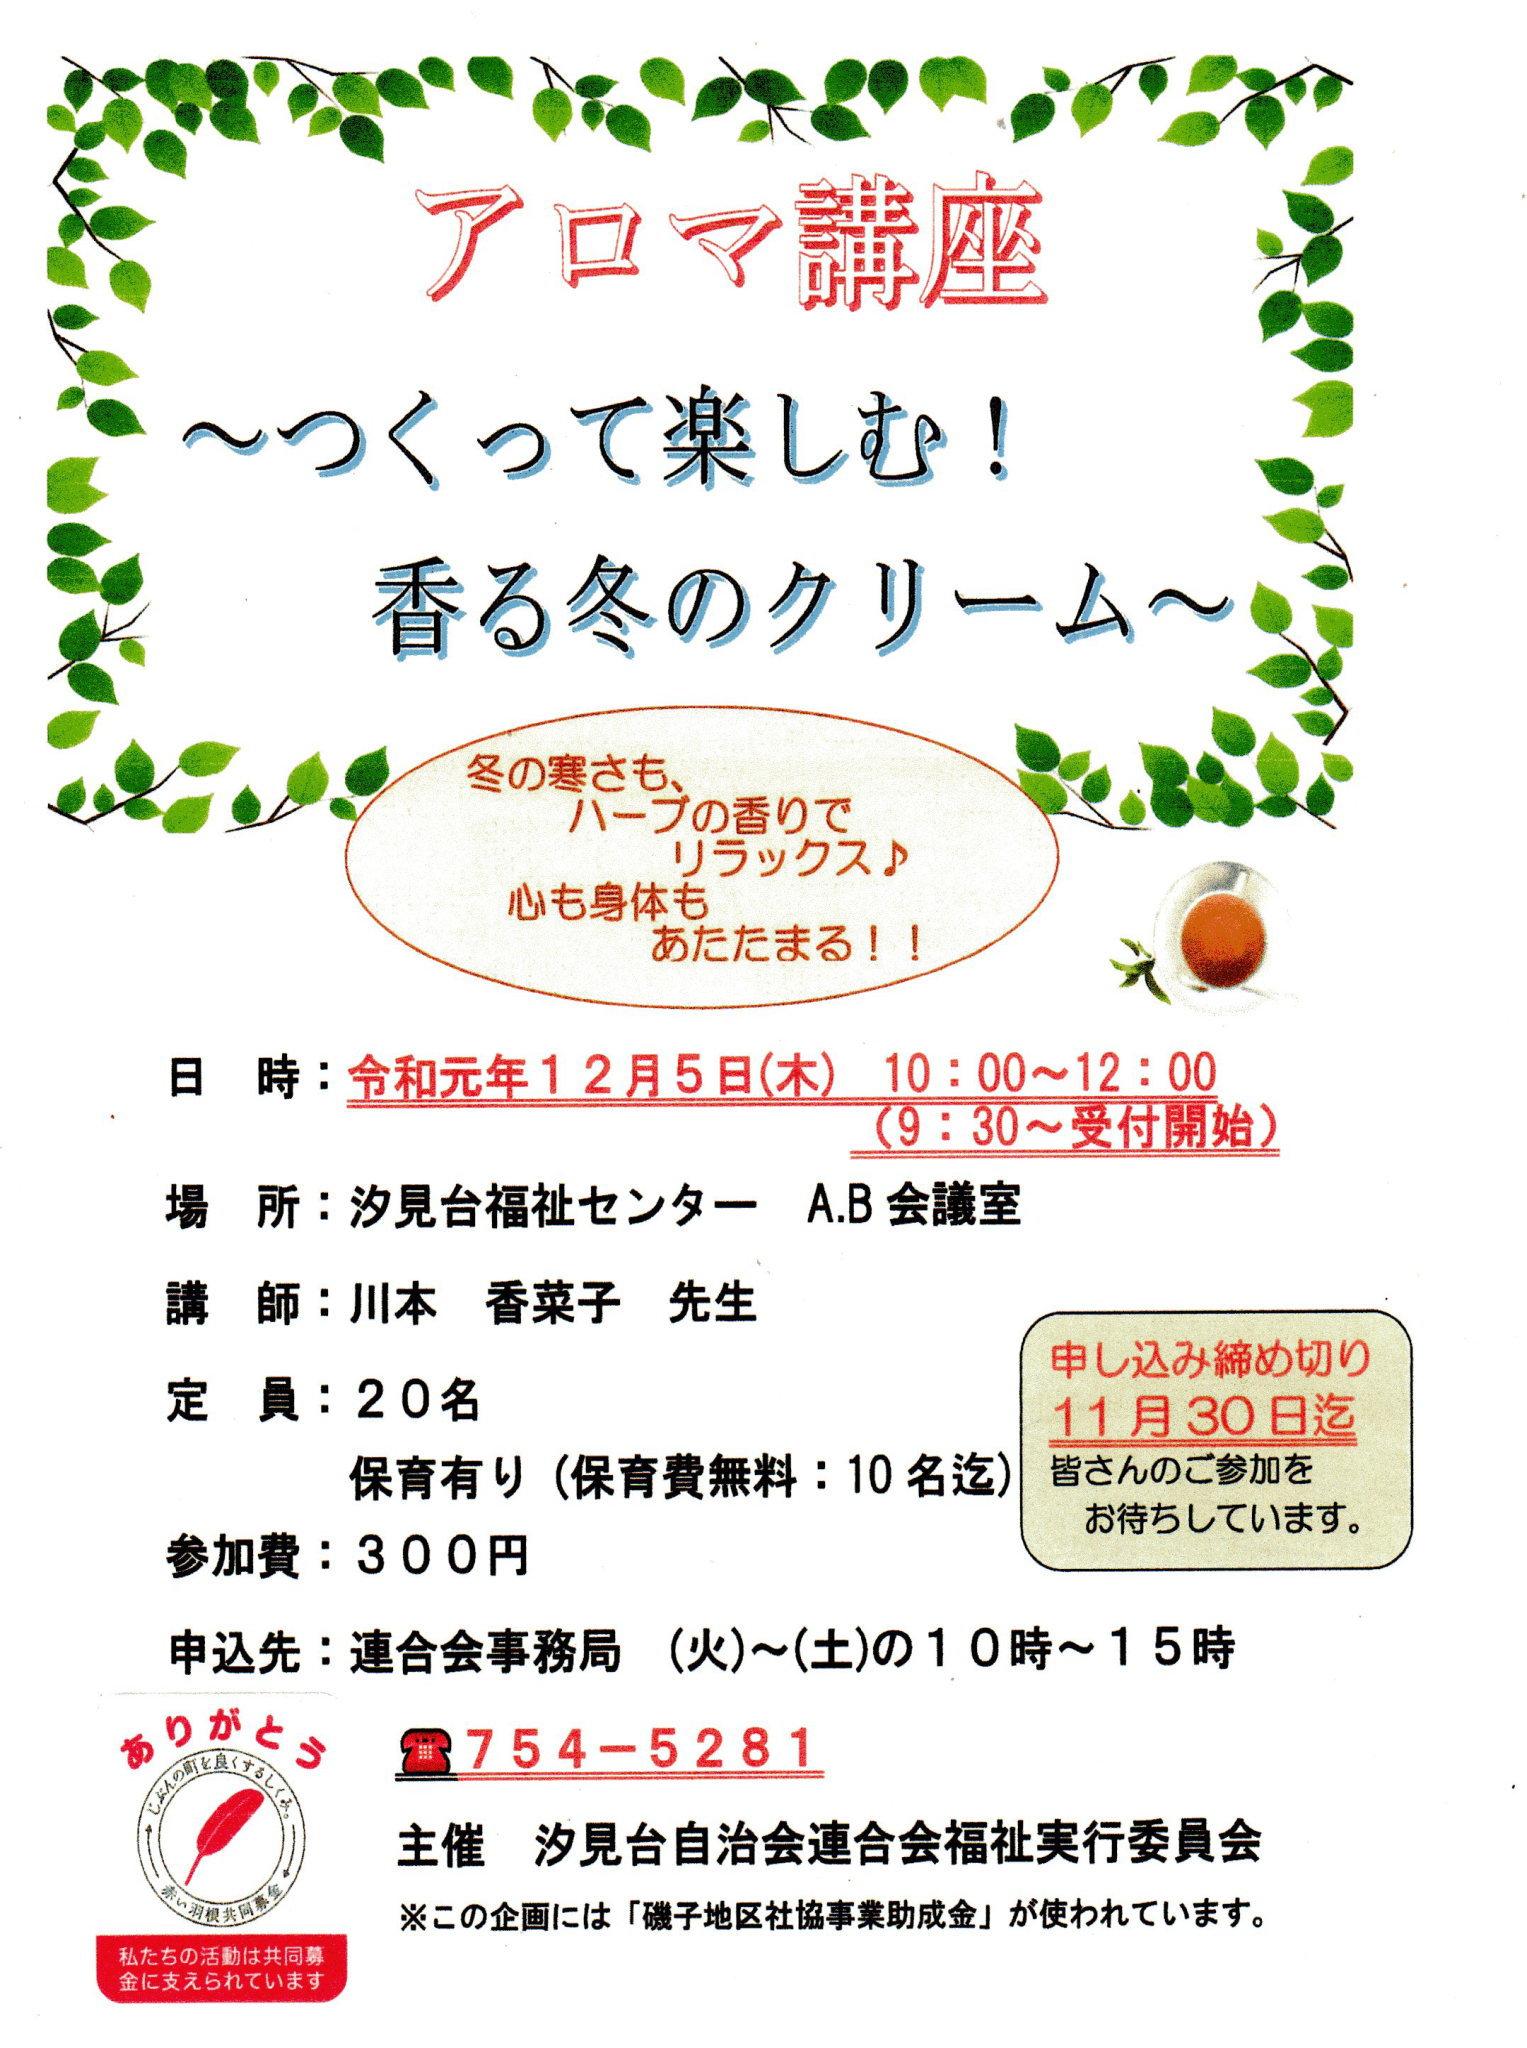 アロマ講座 @ 汐見台福祉センター A、B室